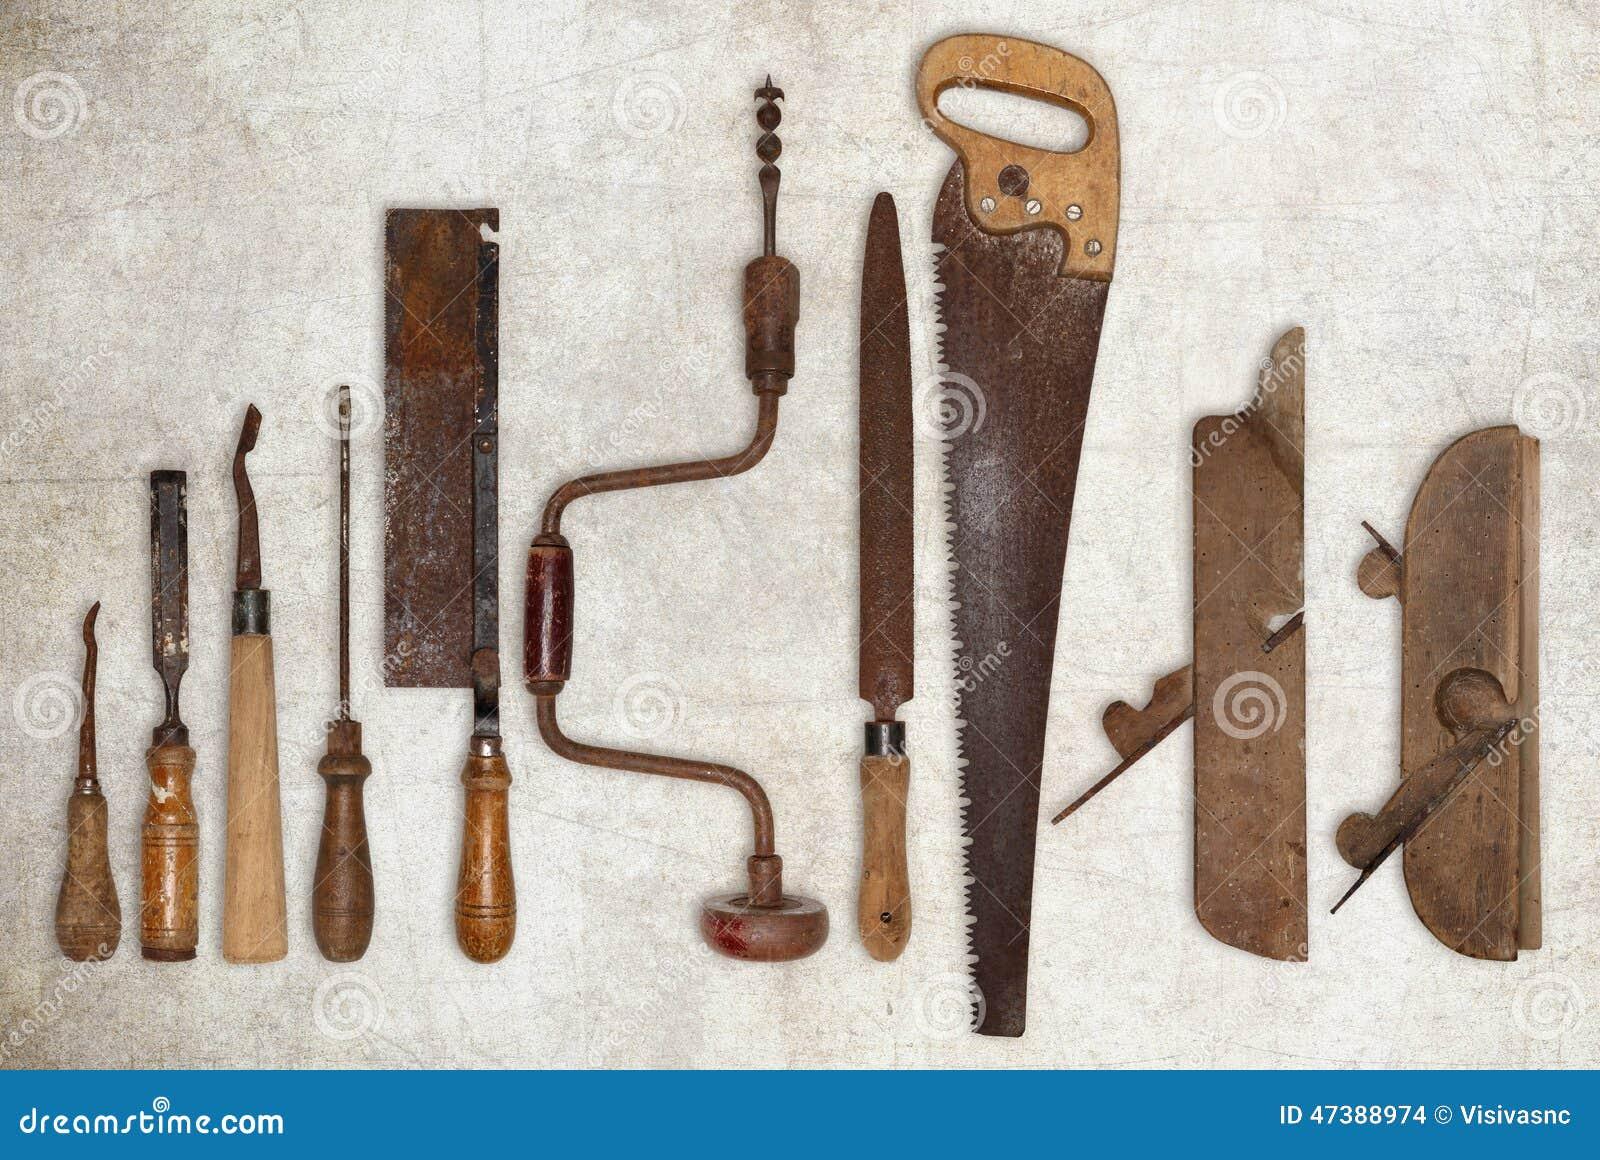 composici n de las herramientas viejas para la madera foto de archivo imagen de carving viejo. Black Bedroom Furniture Sets. Home Design Ideas